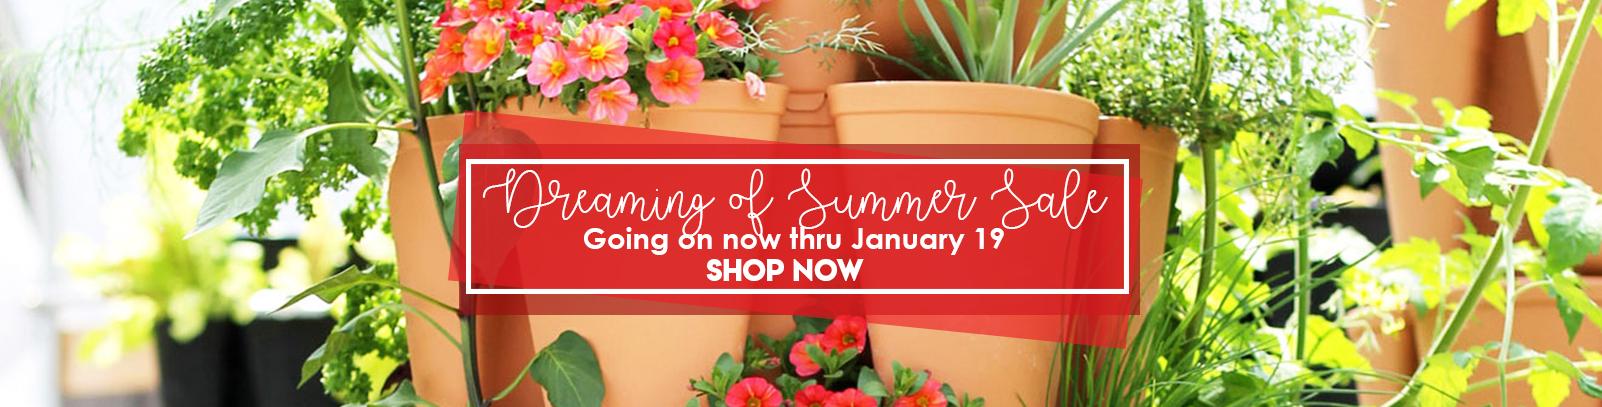 dreaming-of-summer-sale-january-greenstalk-garden-2.jpg